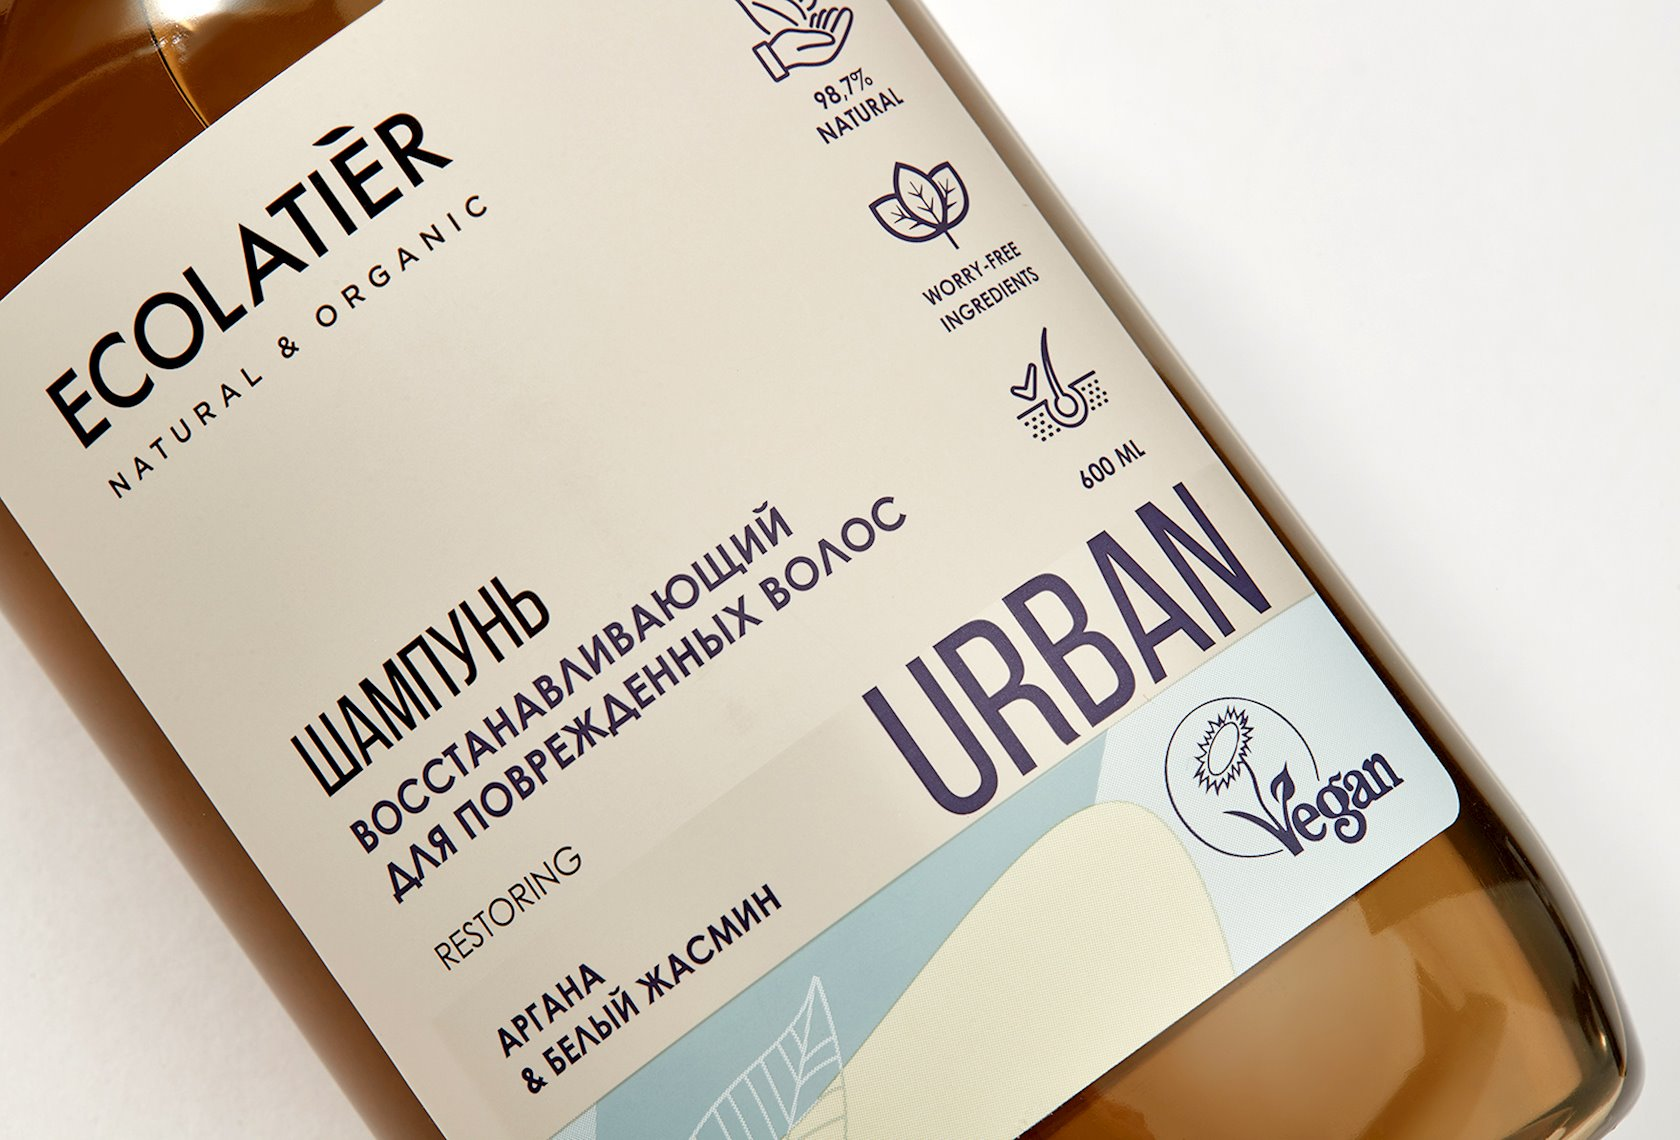 Şampun Ecolatier Bərpaedici Zədələnmiş saçlar üçün Arqan və ağ yasəmən 600 ml